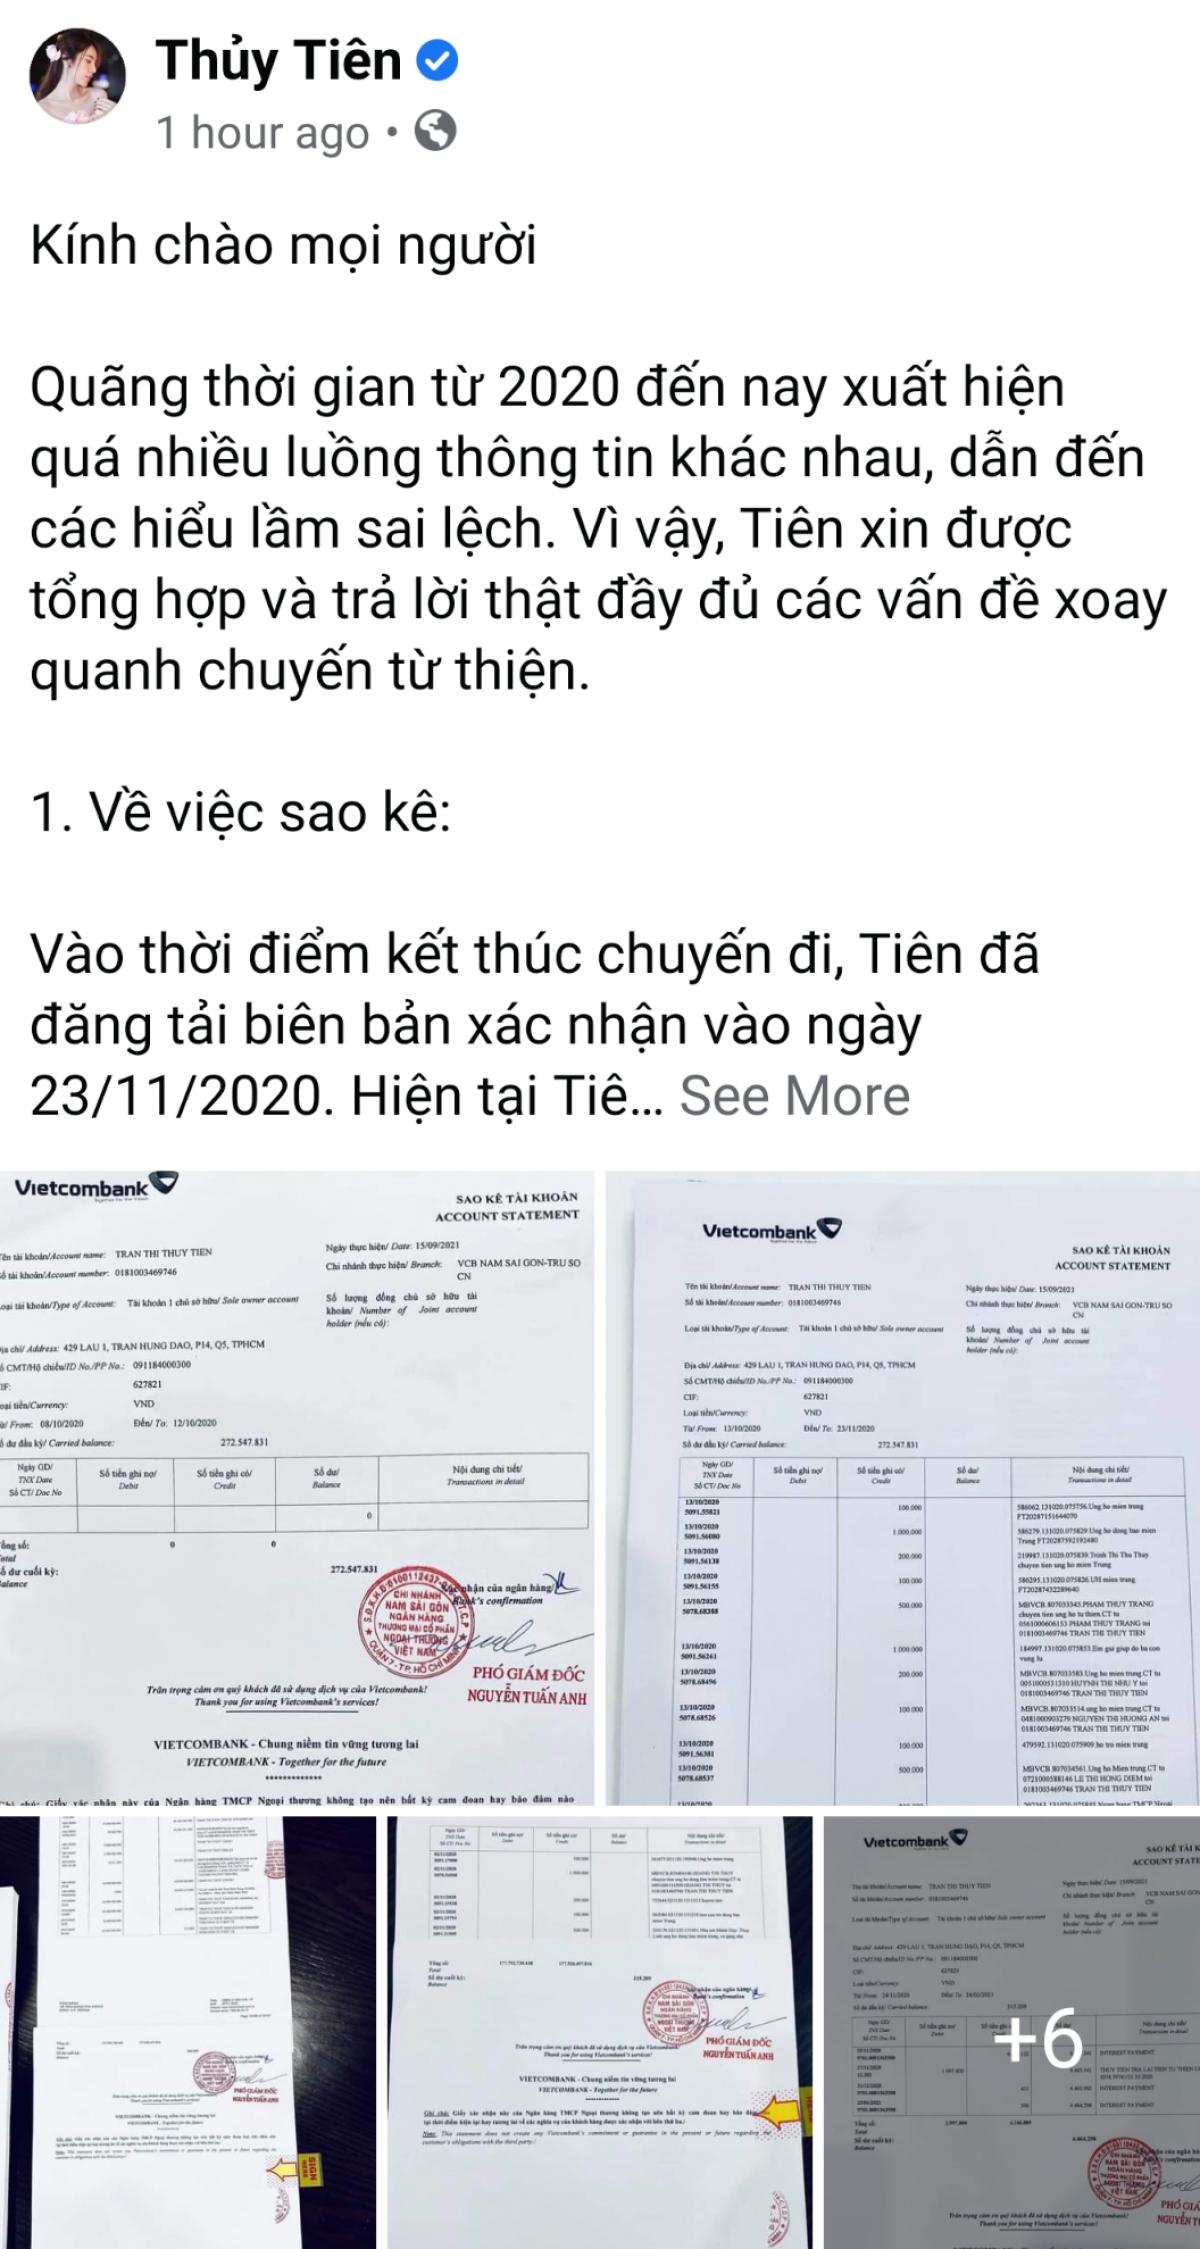 Thủy Tiên khẳng định chỉ dùng 1 tài khoản để kêu gọi.